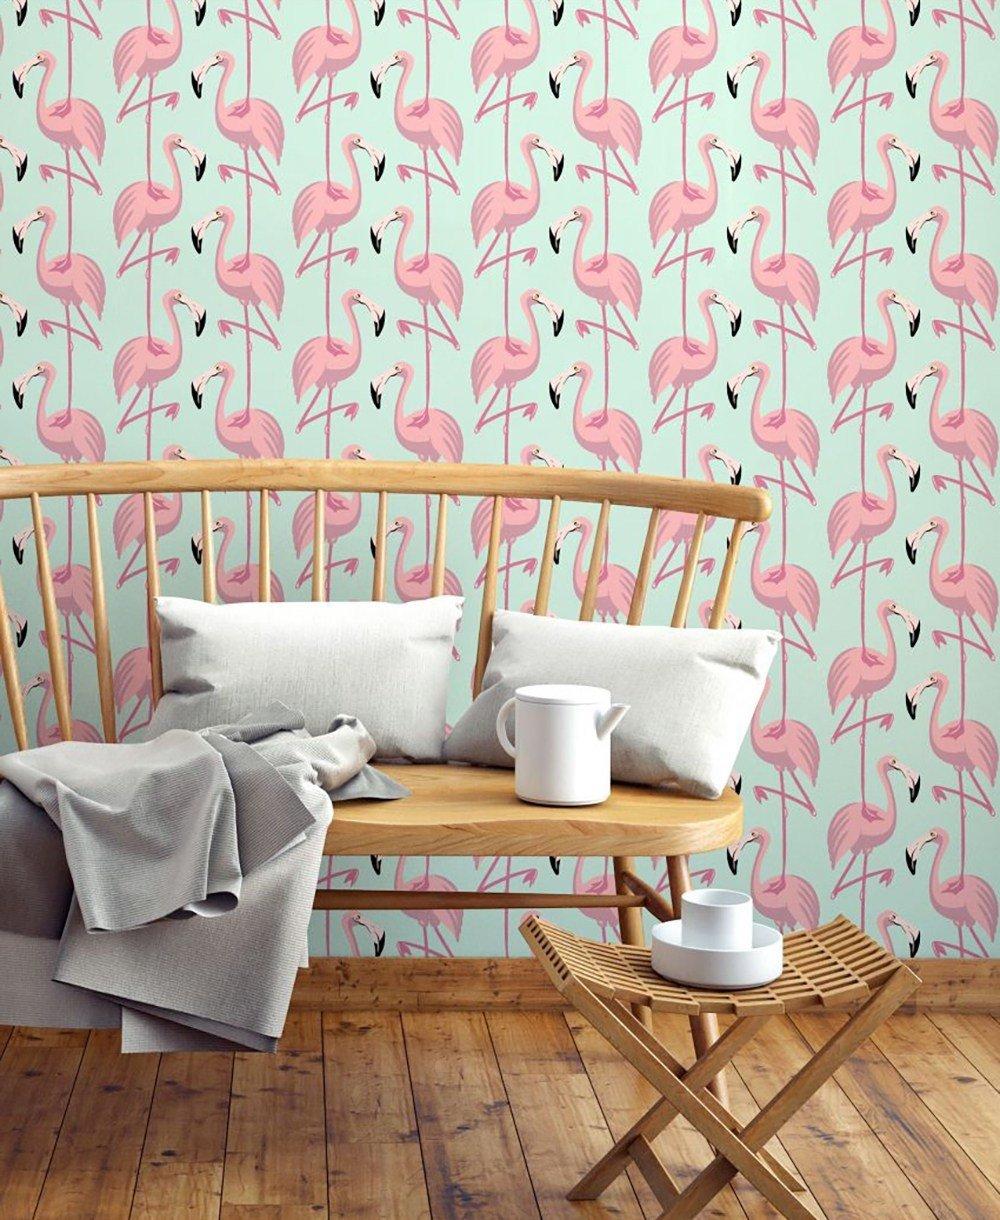 Tropische Stimmung an der Wand: Flamingo Tapete